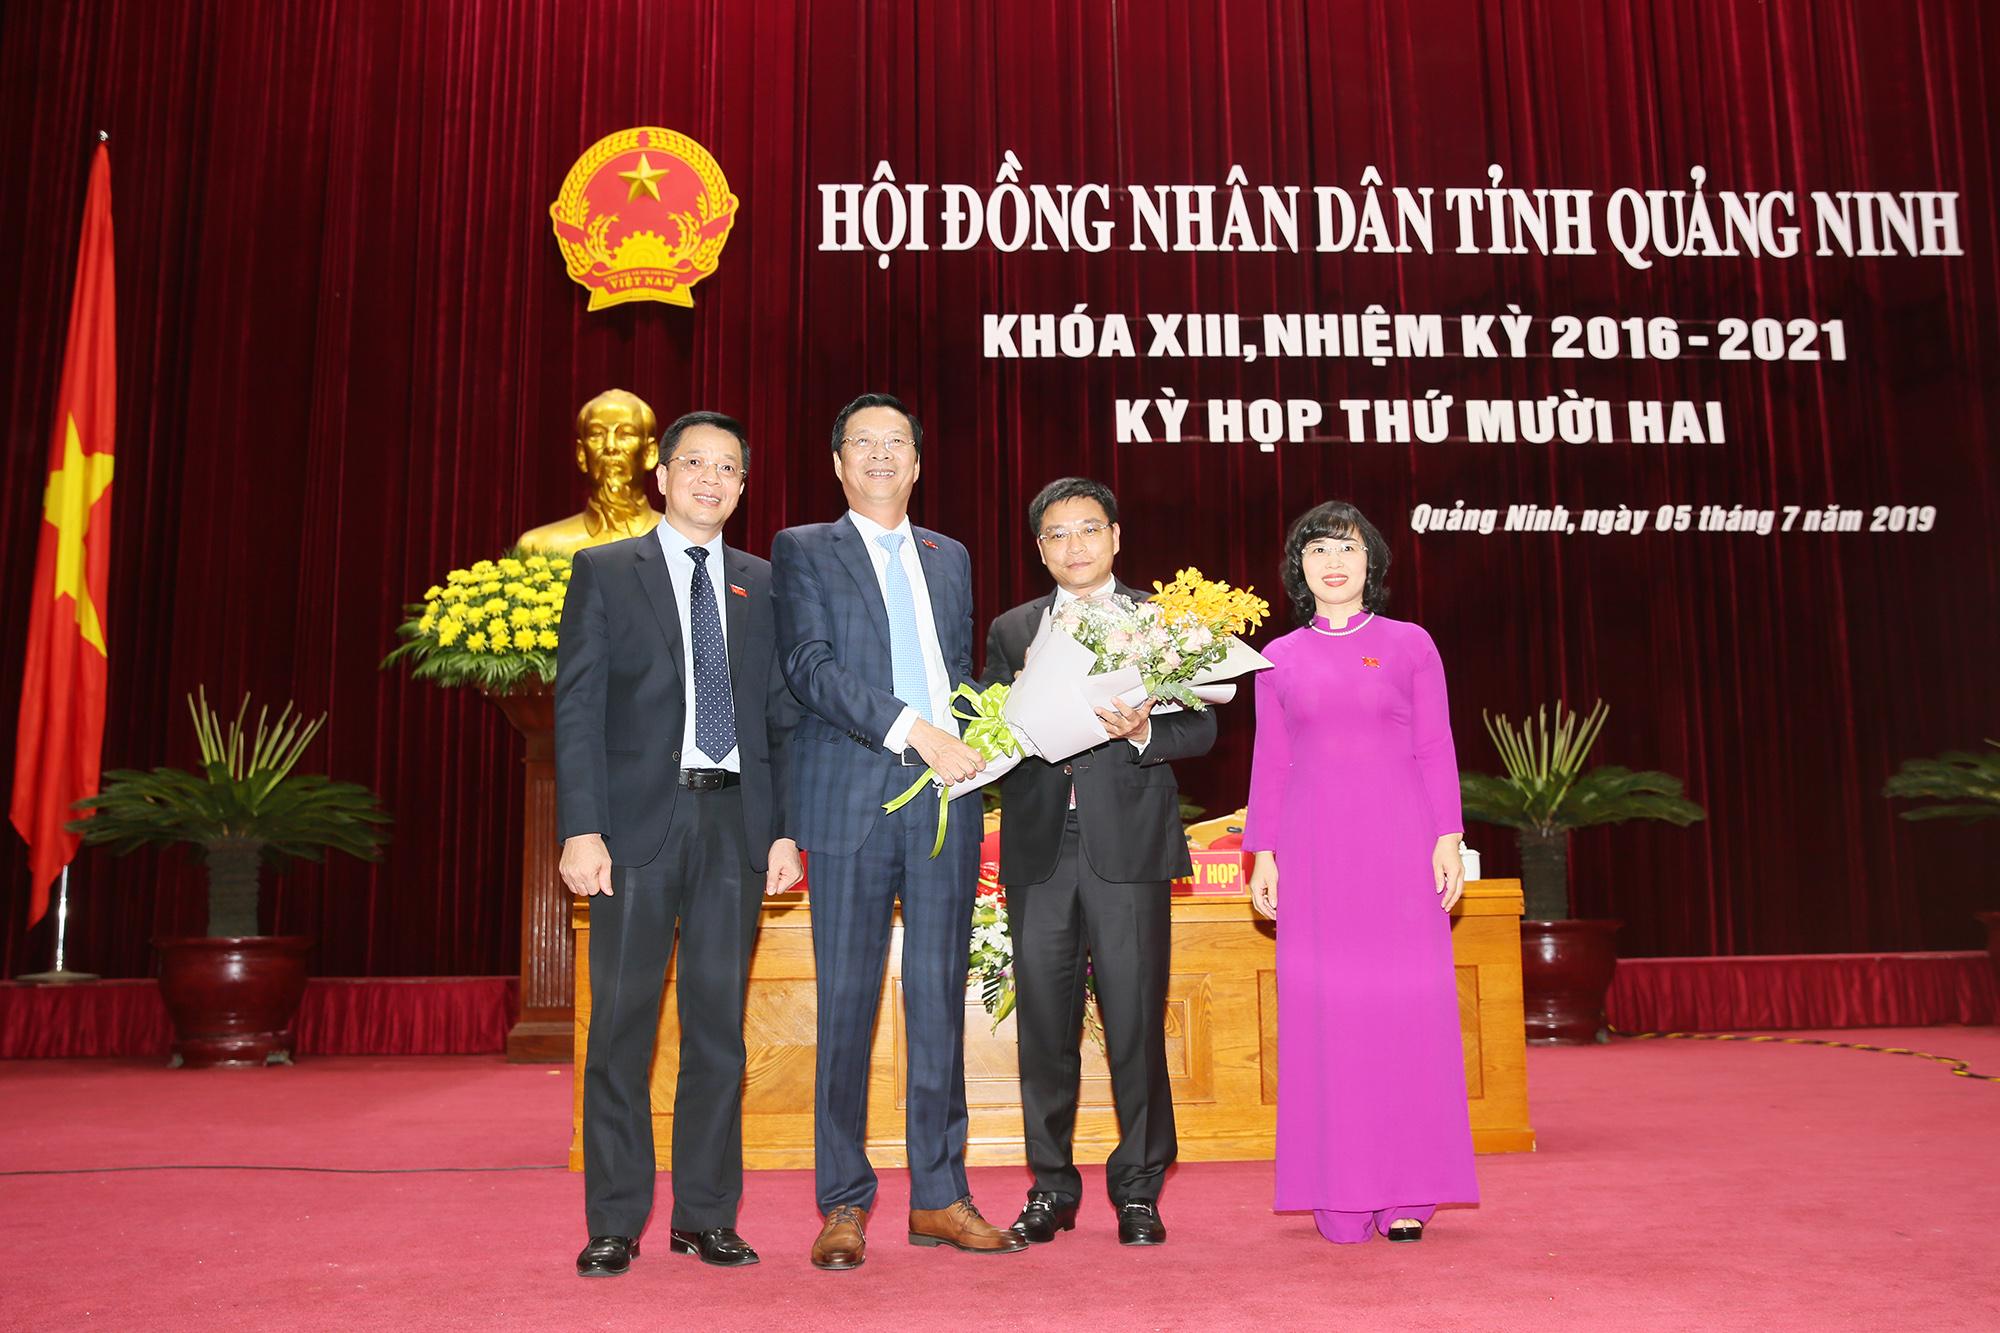 Quảng Ninh có Chủ tịch UBND và HĐND tỉnh mới